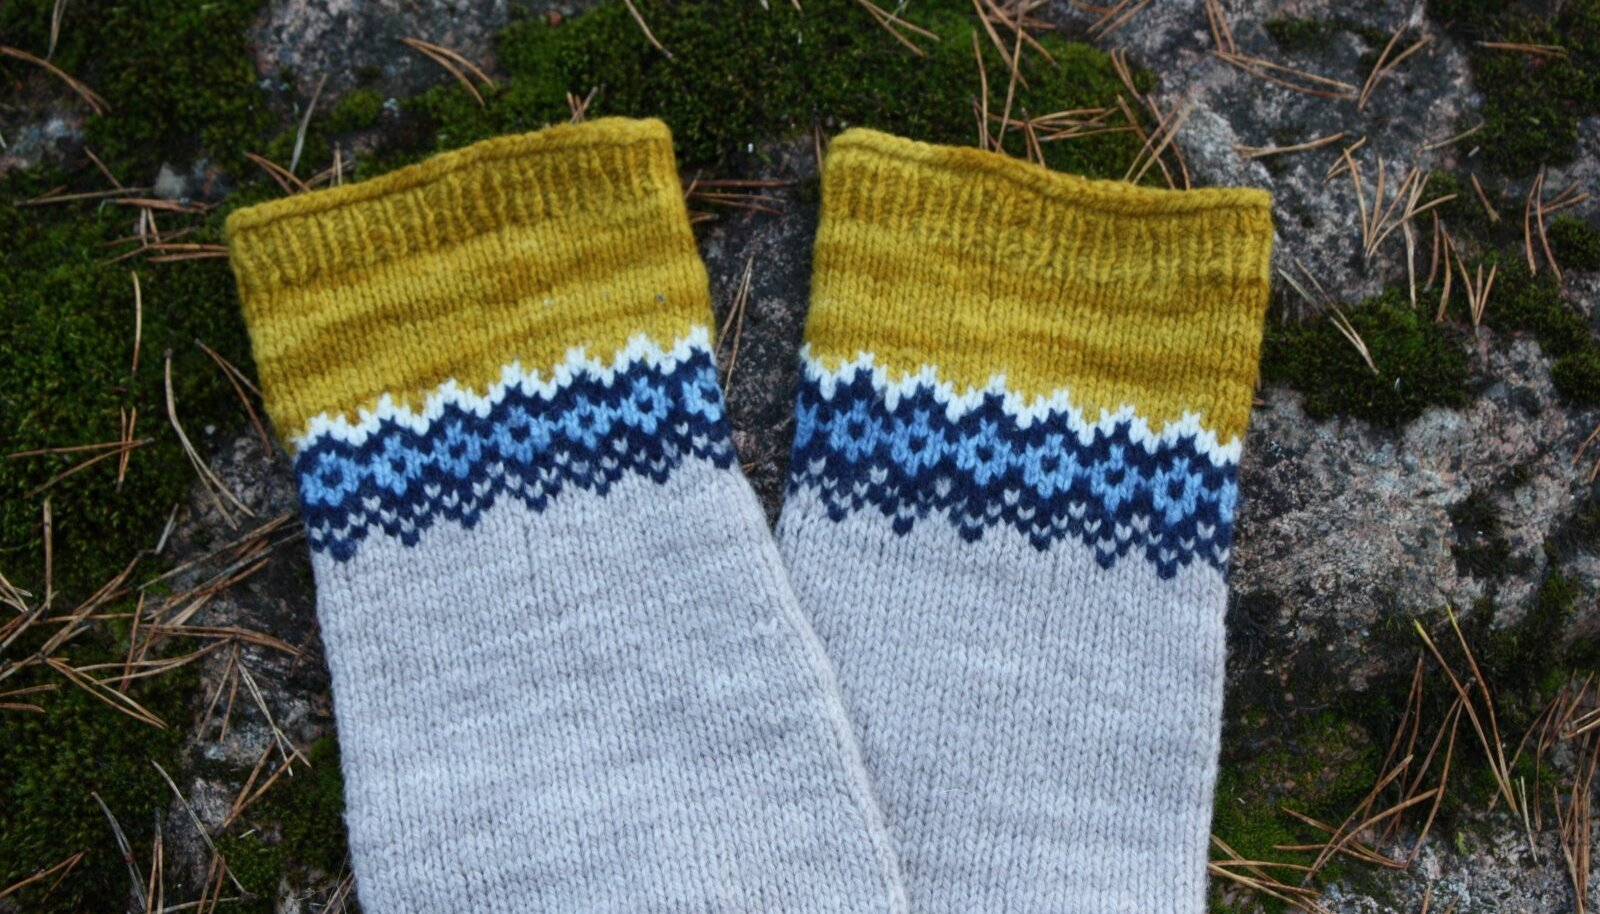 Mustrit võib ka mitu korda läbi kududa, sellisel juhul tuleks mustrikorduste vahel juurde kasvatada ka silmuseid, et sokk jalga mahuks.